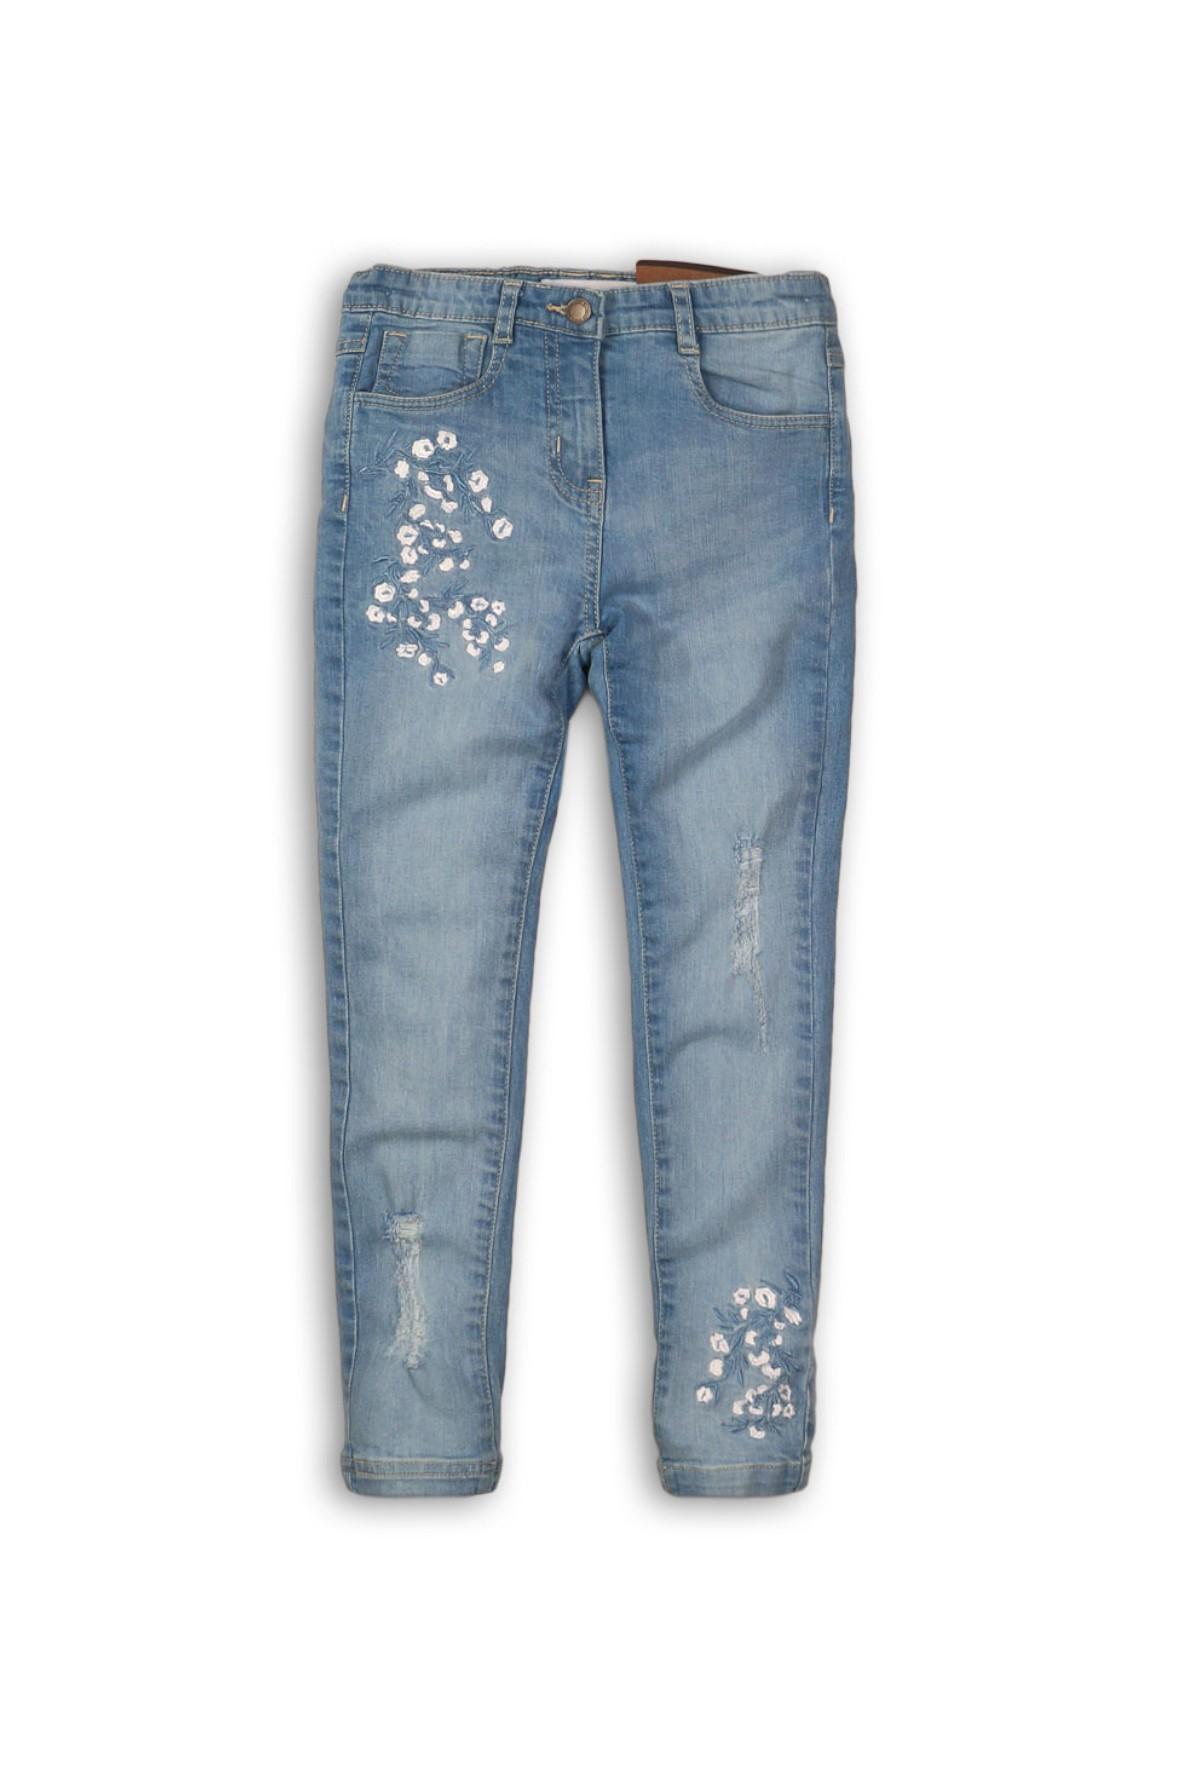 Spodnie dziewczęce jeansowe z ozdobnymi haftami